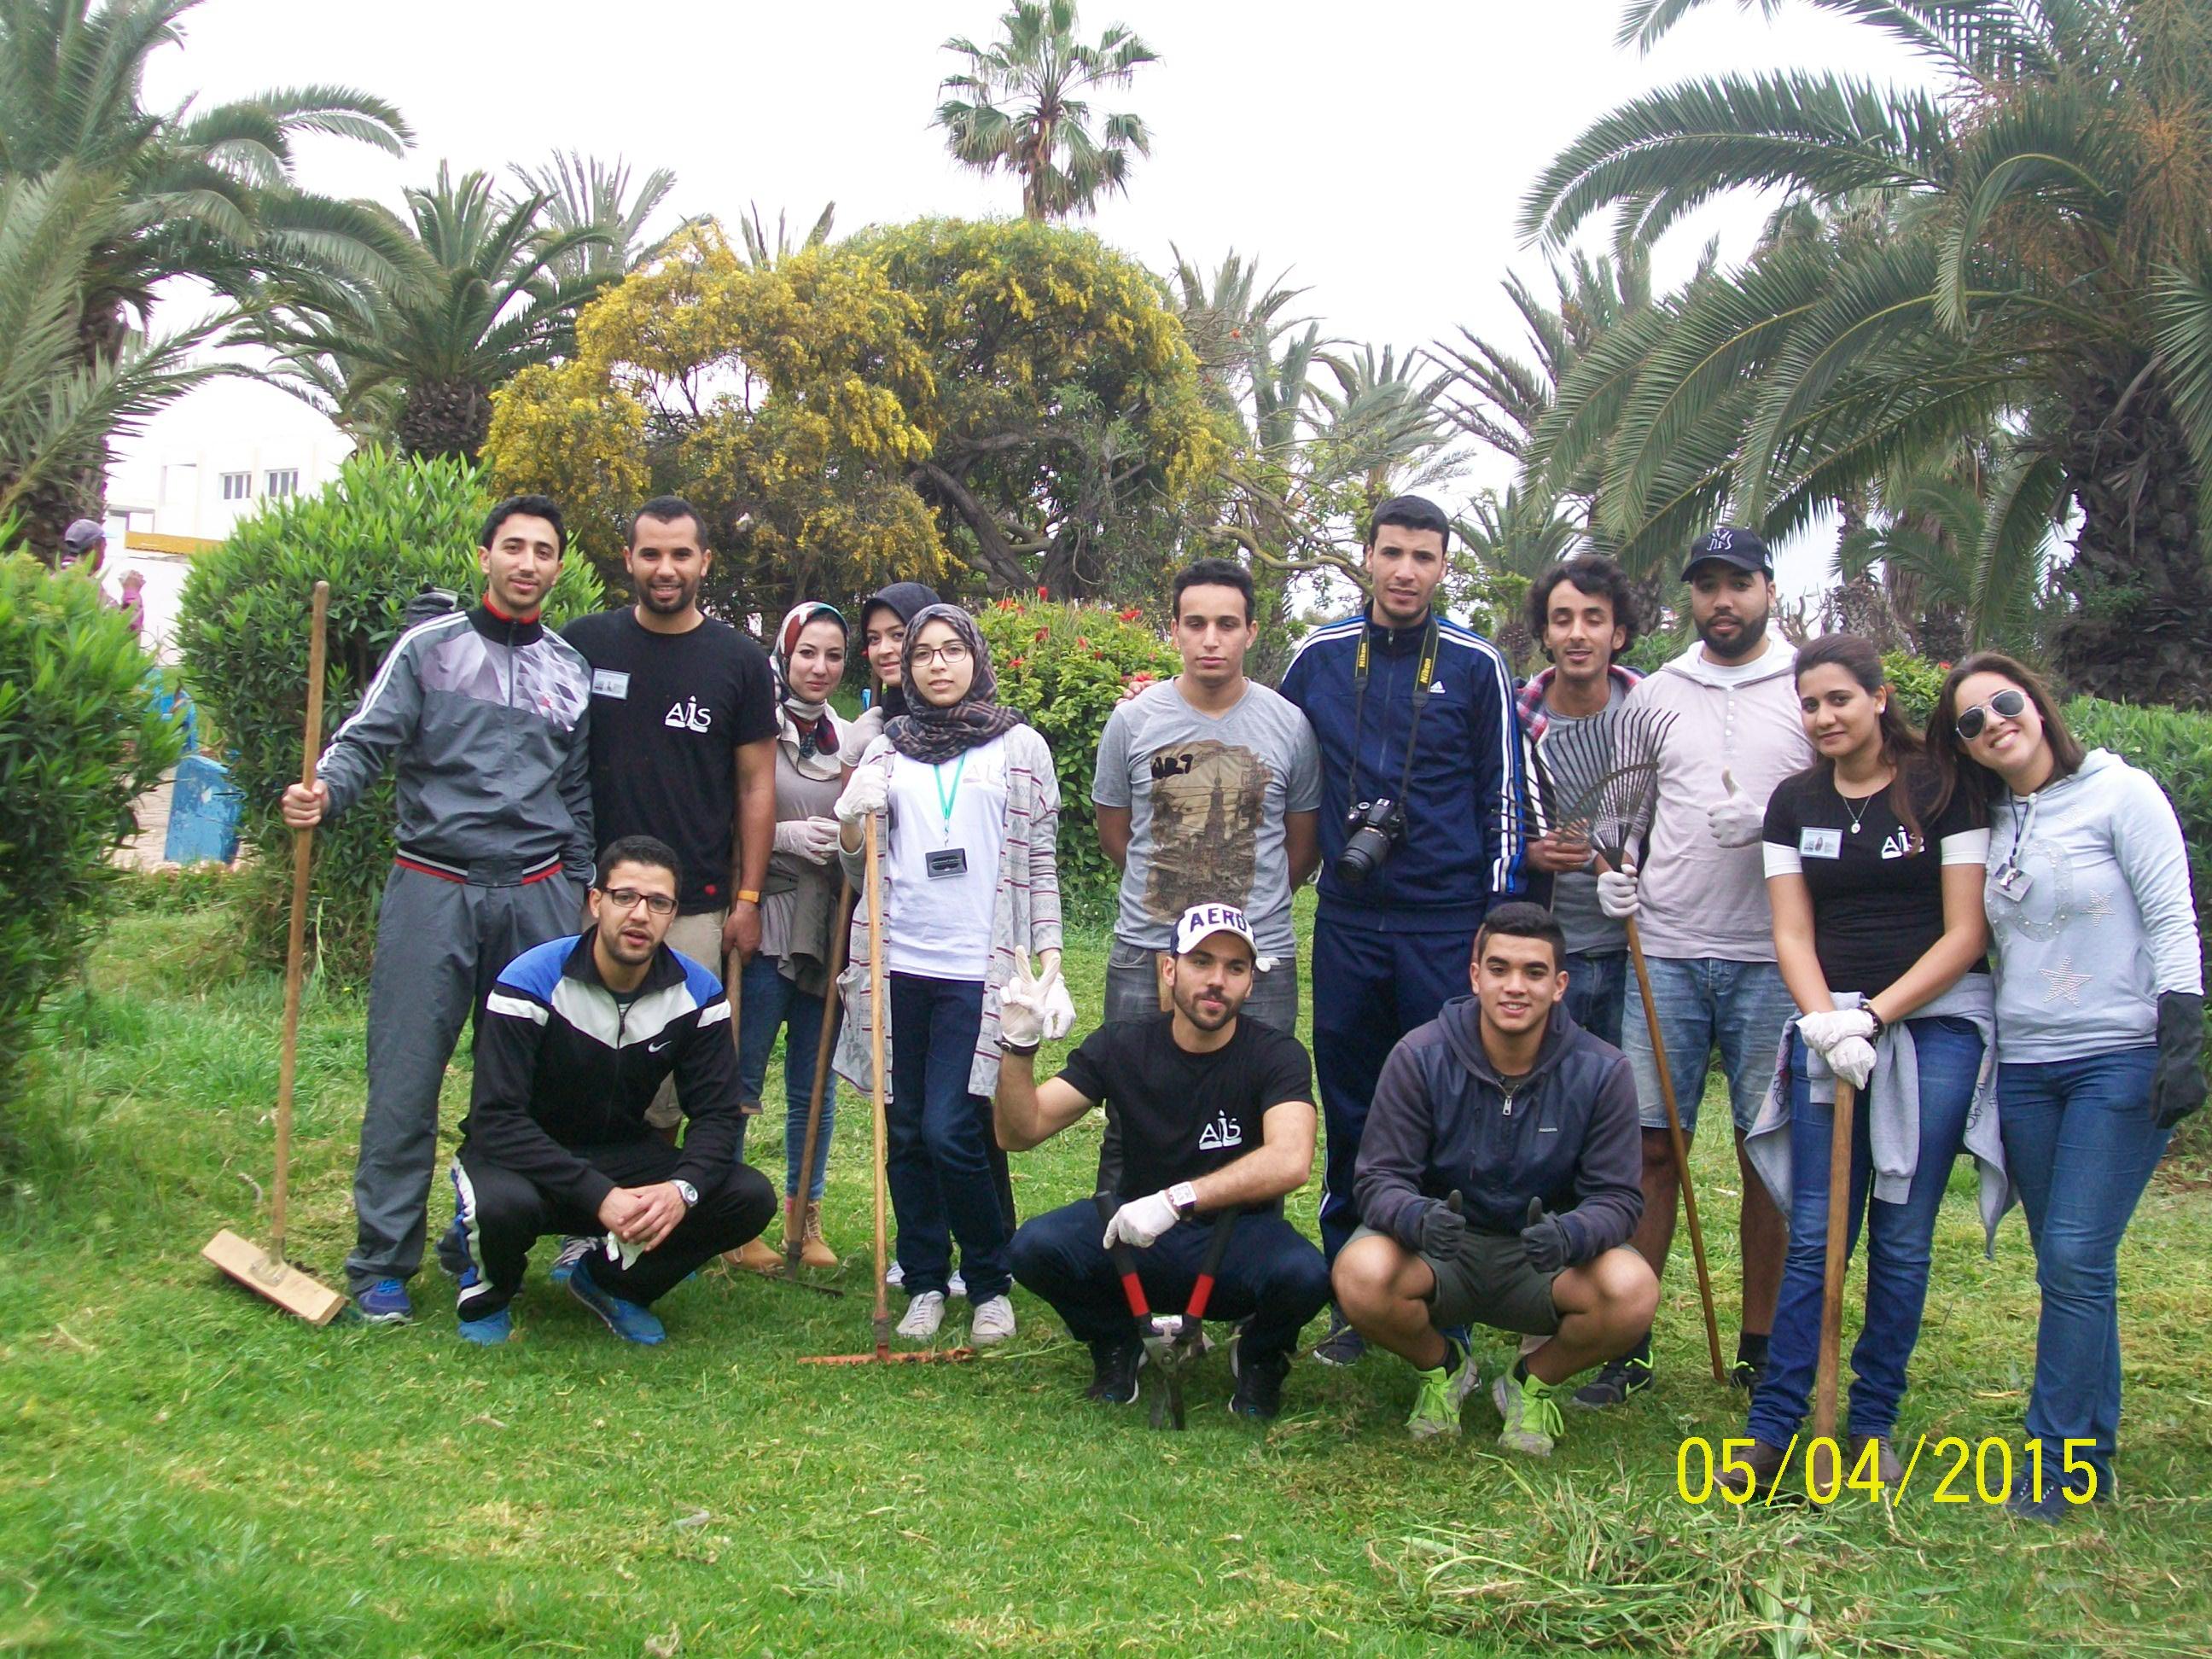 نشاط بيئي لجمعية أصدقاء مبادرة و تضامن باحدى حدائق المدينة